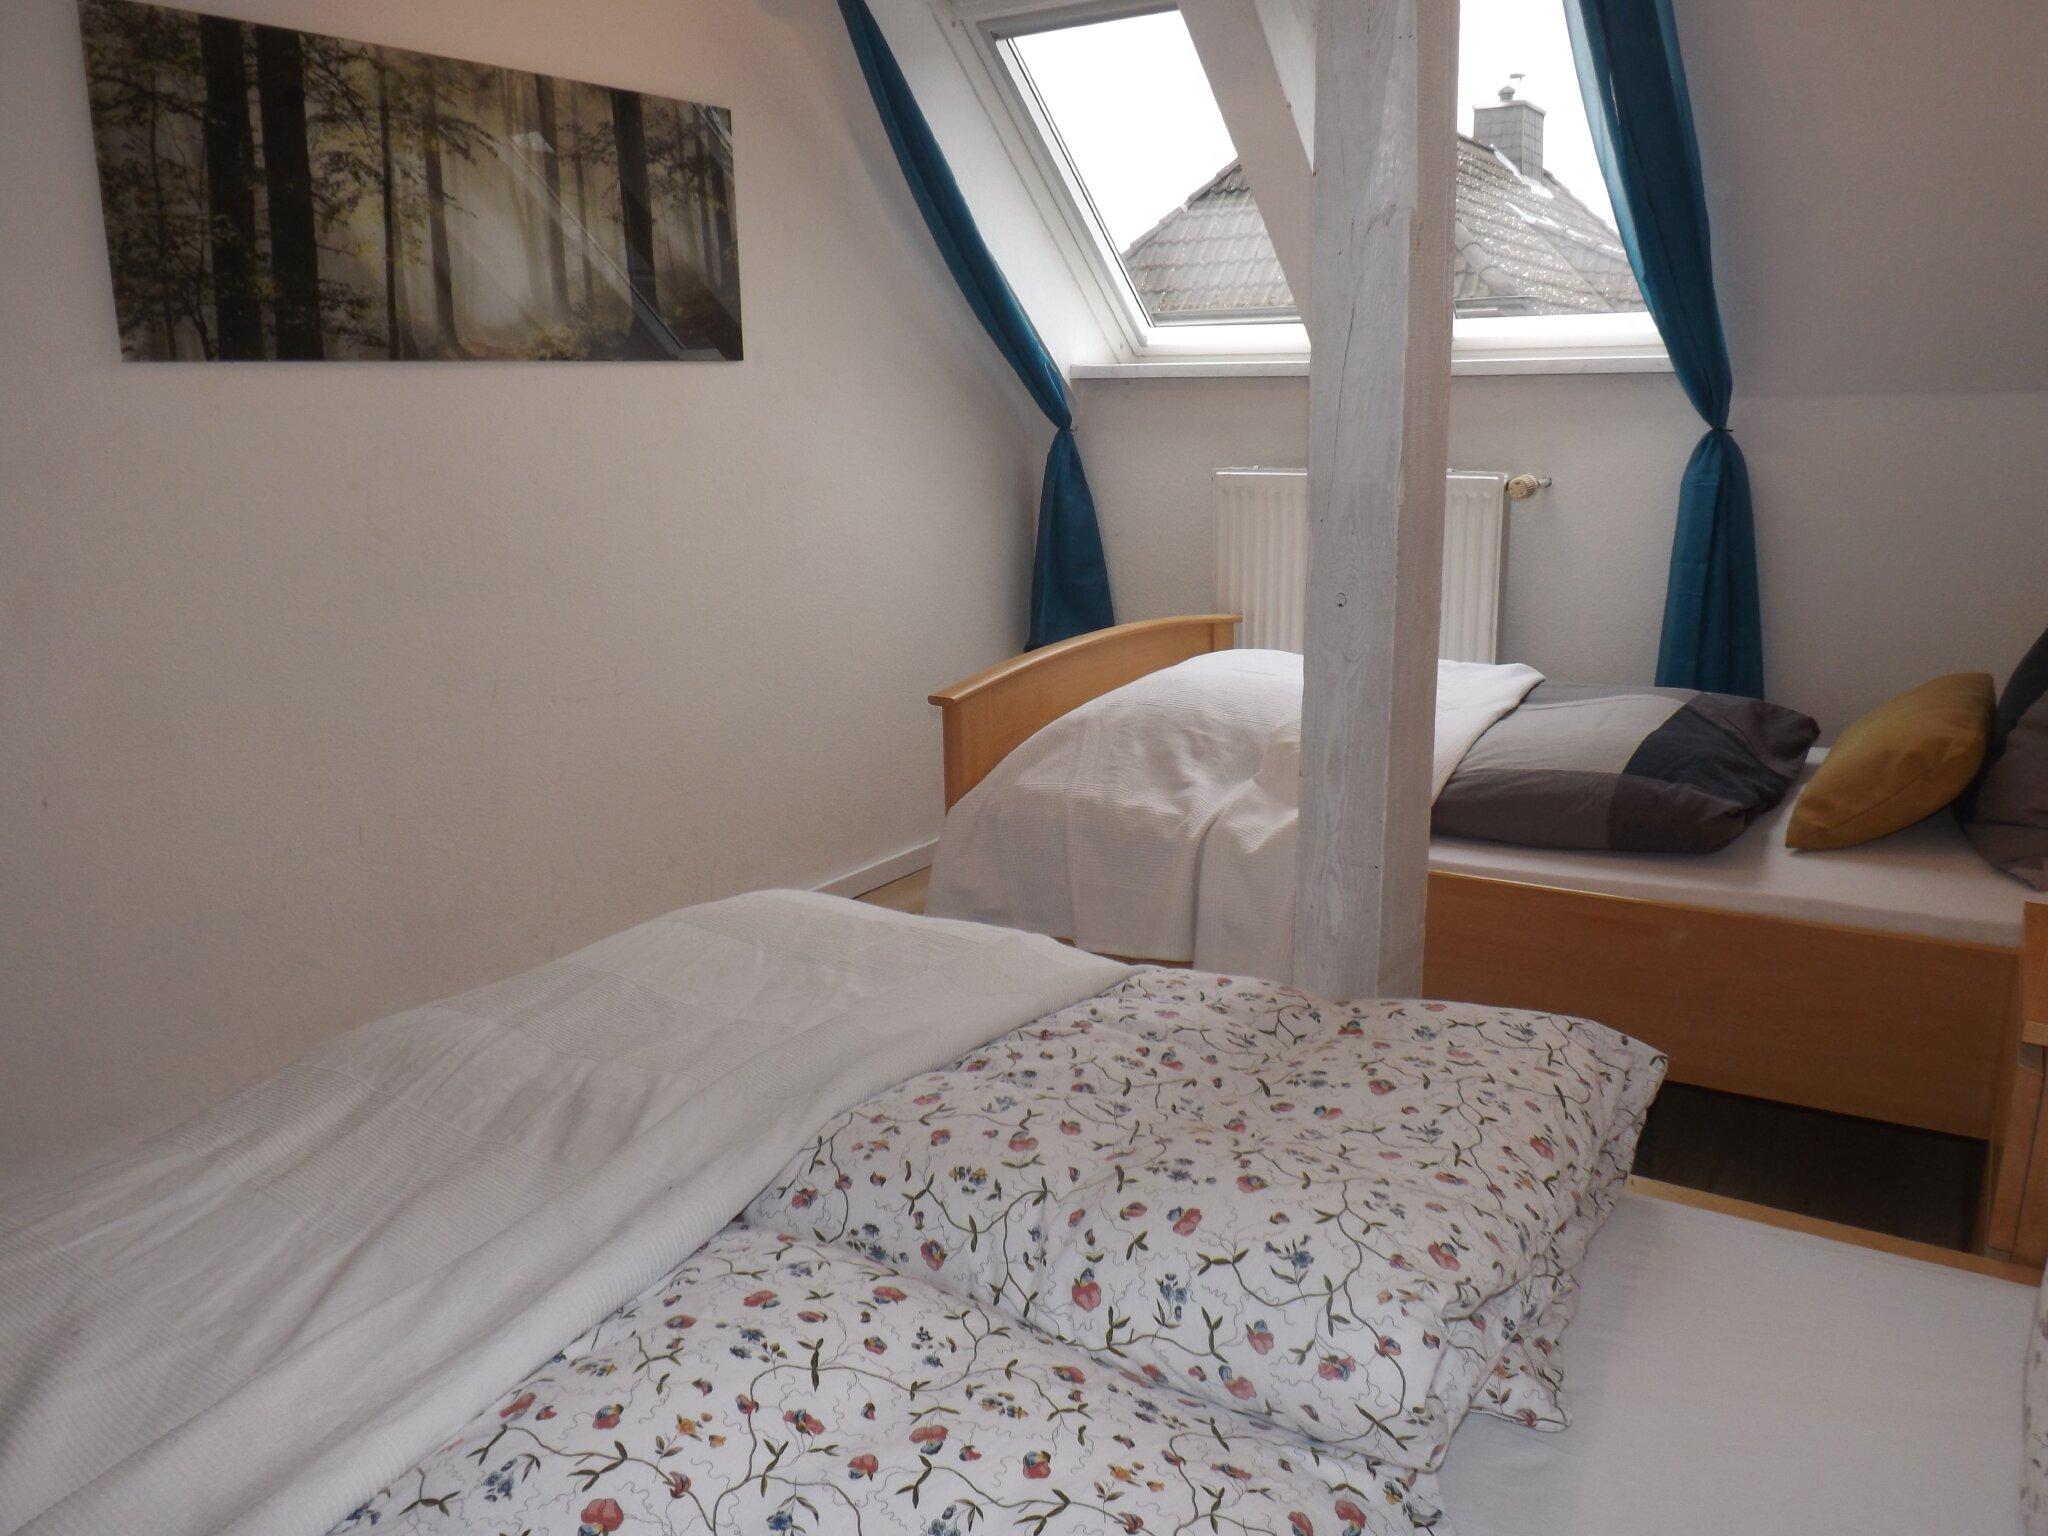 Duschbad mit 2 Waschbecken